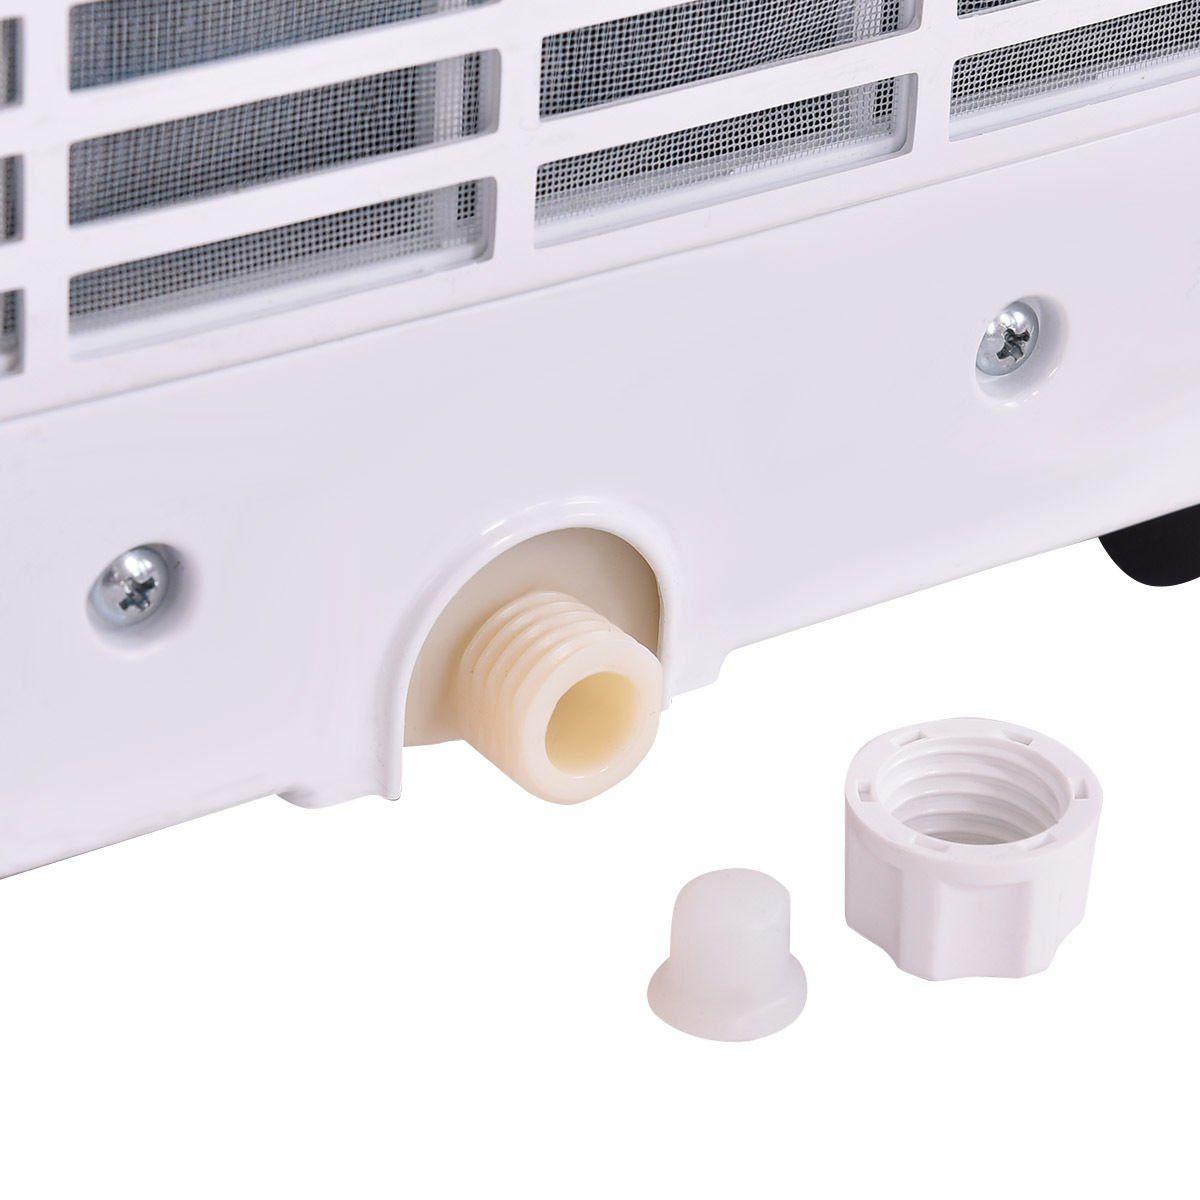 Costway 10000 Btu Portable Air Conditioner Dehumidifier Function Window Wall Mount W Remote Control Portable Air Conditioner Dehumidifiers Air Conditioner